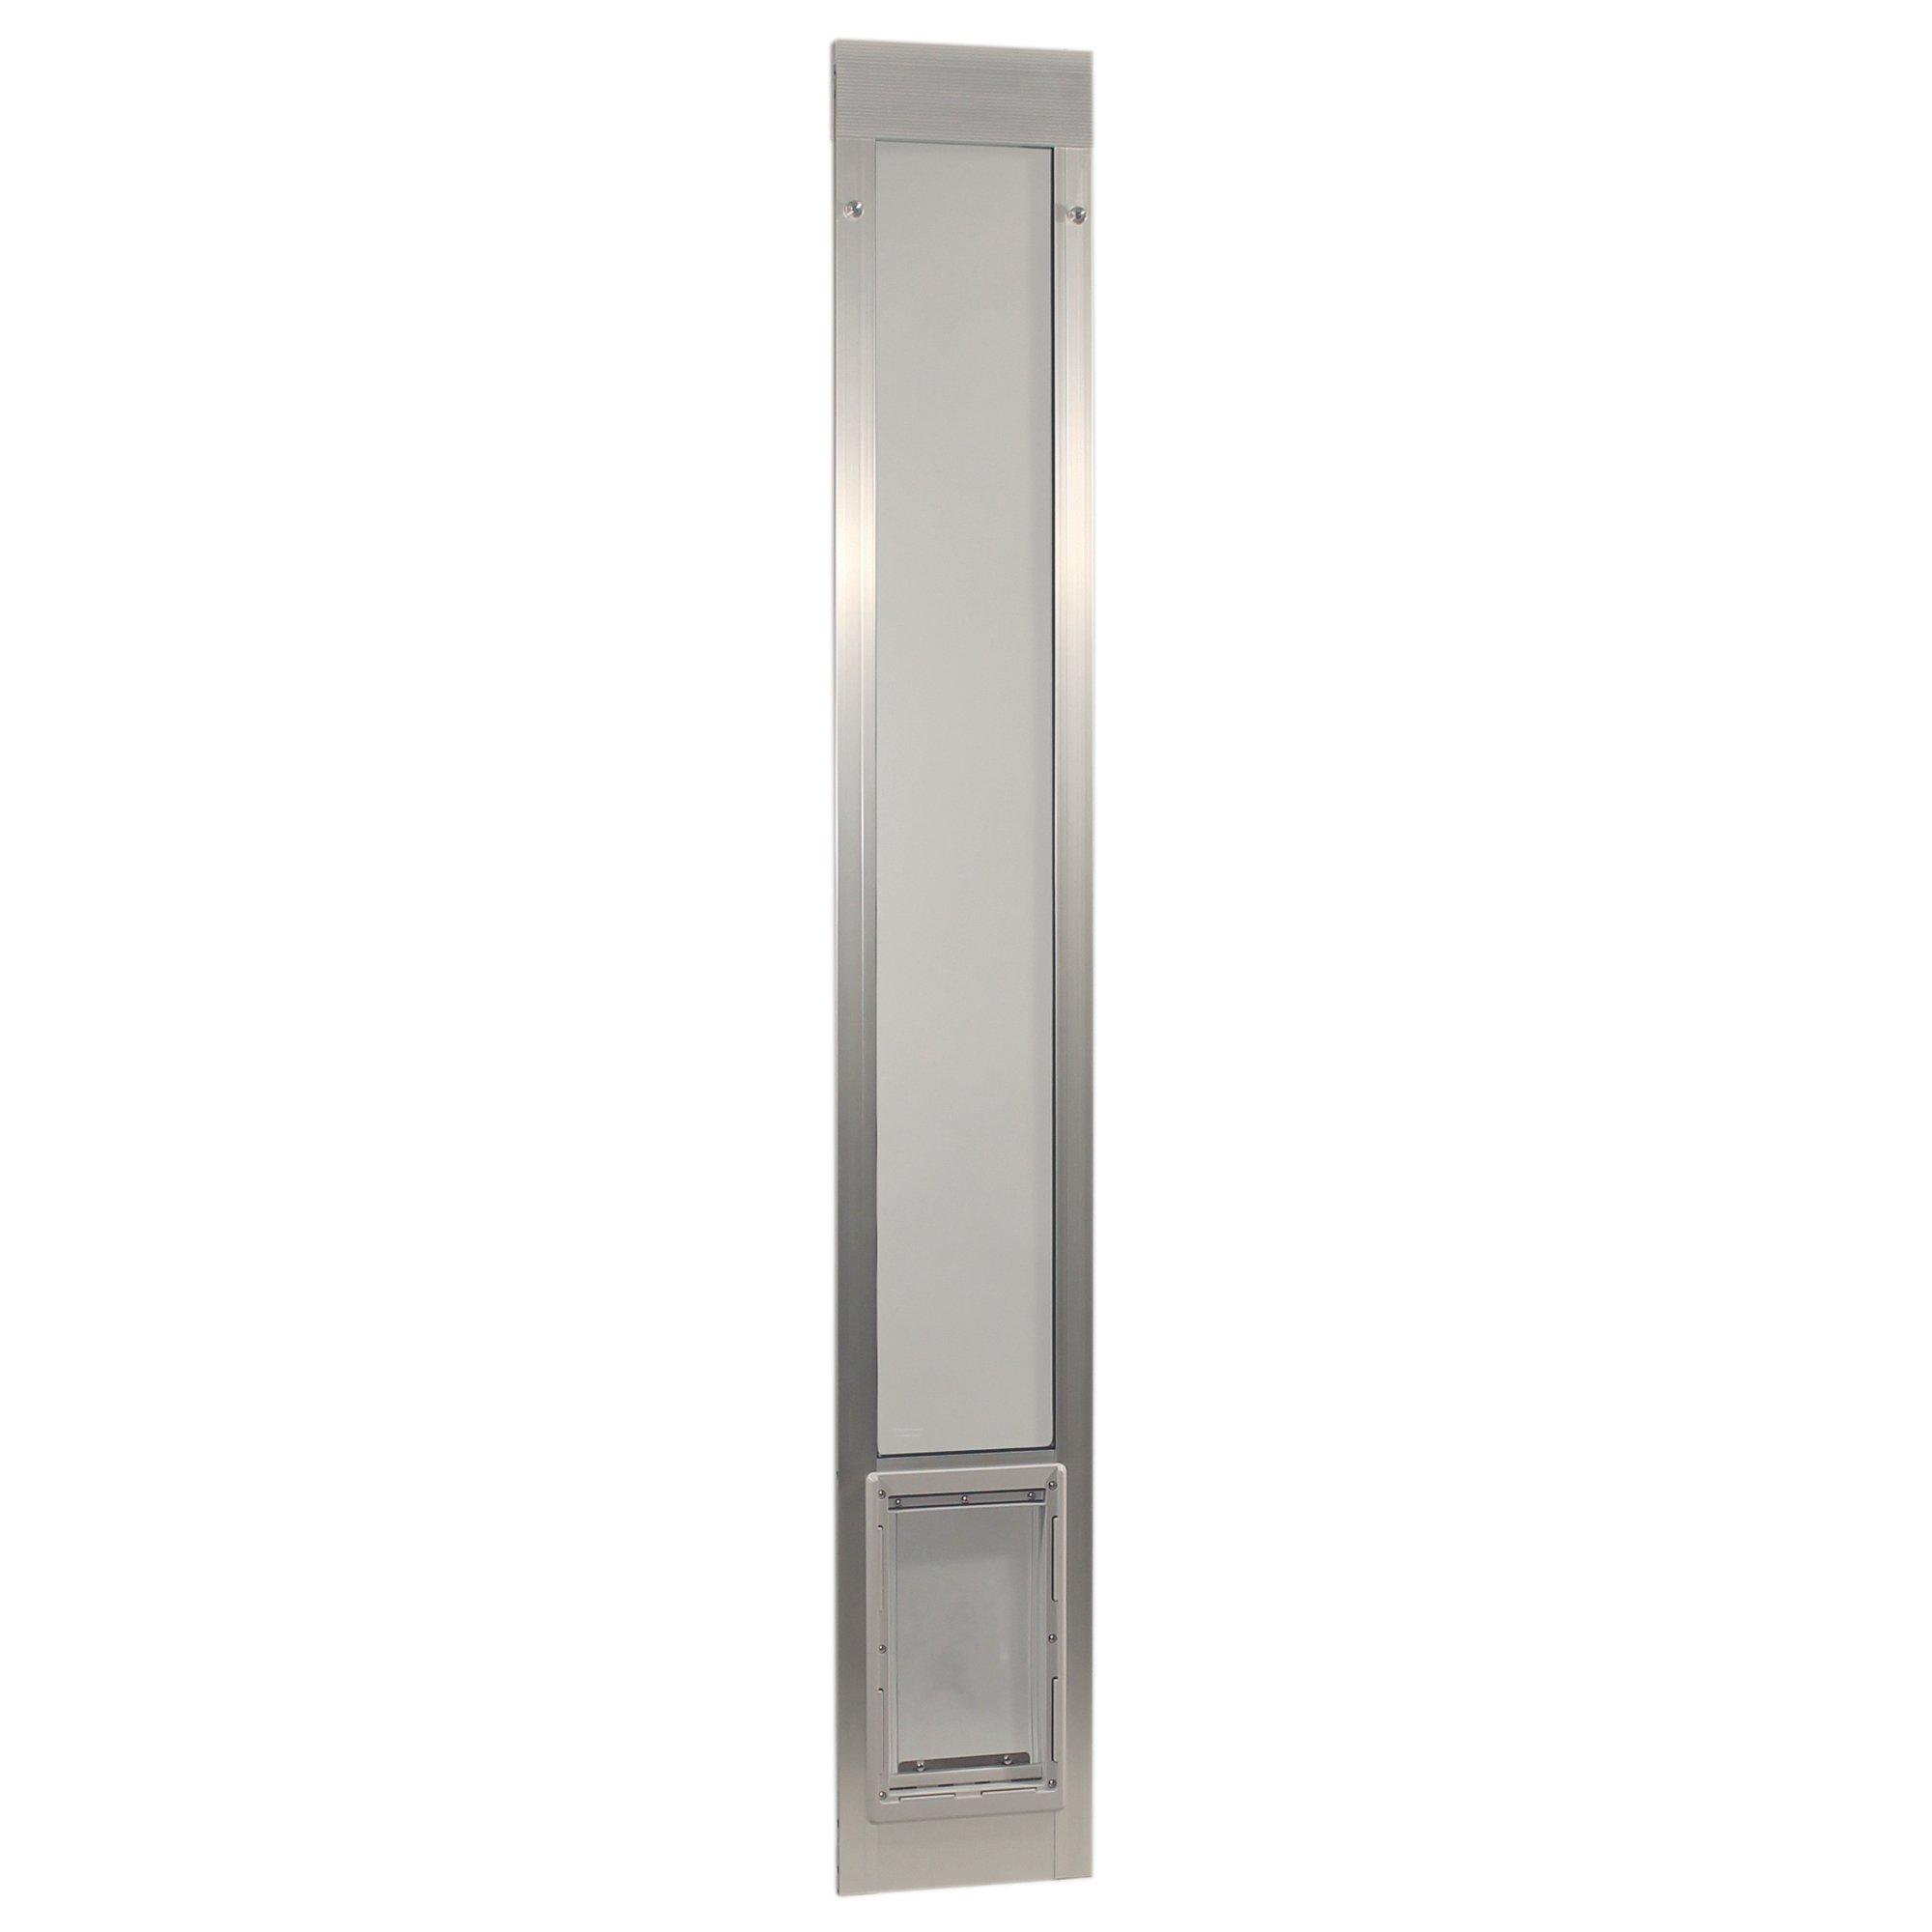 Ideal Pet Products Fast Fit Aluminum Pet Patio Door Mill, Medium/7'' x 11.25''/80'', Silver